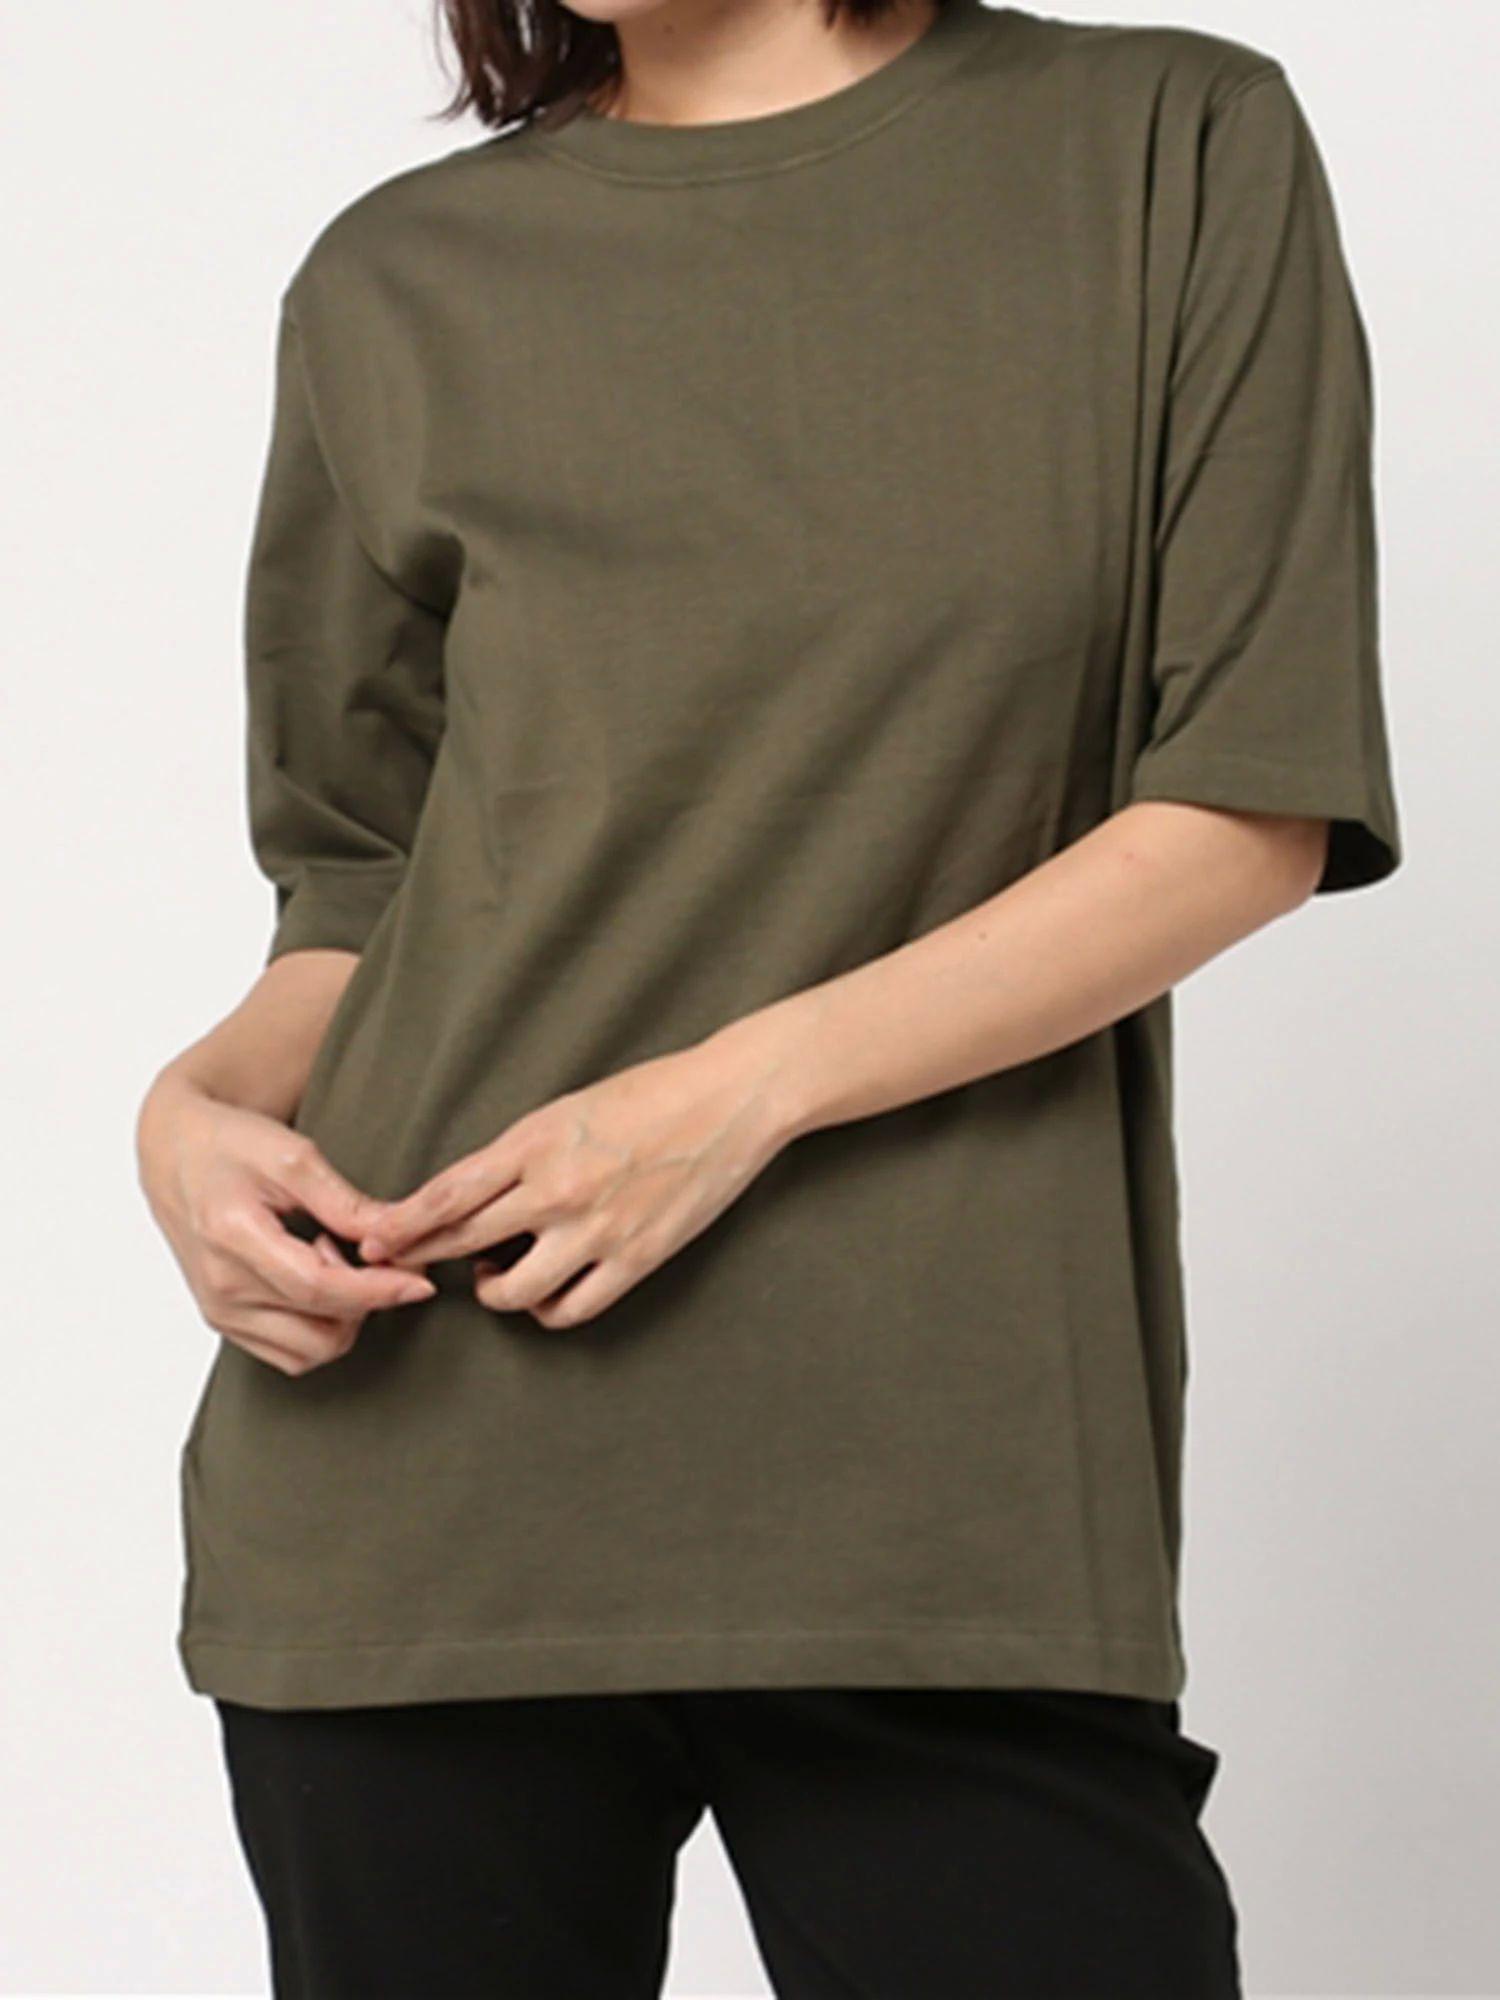 适合堡衬衫MID SLLEVE